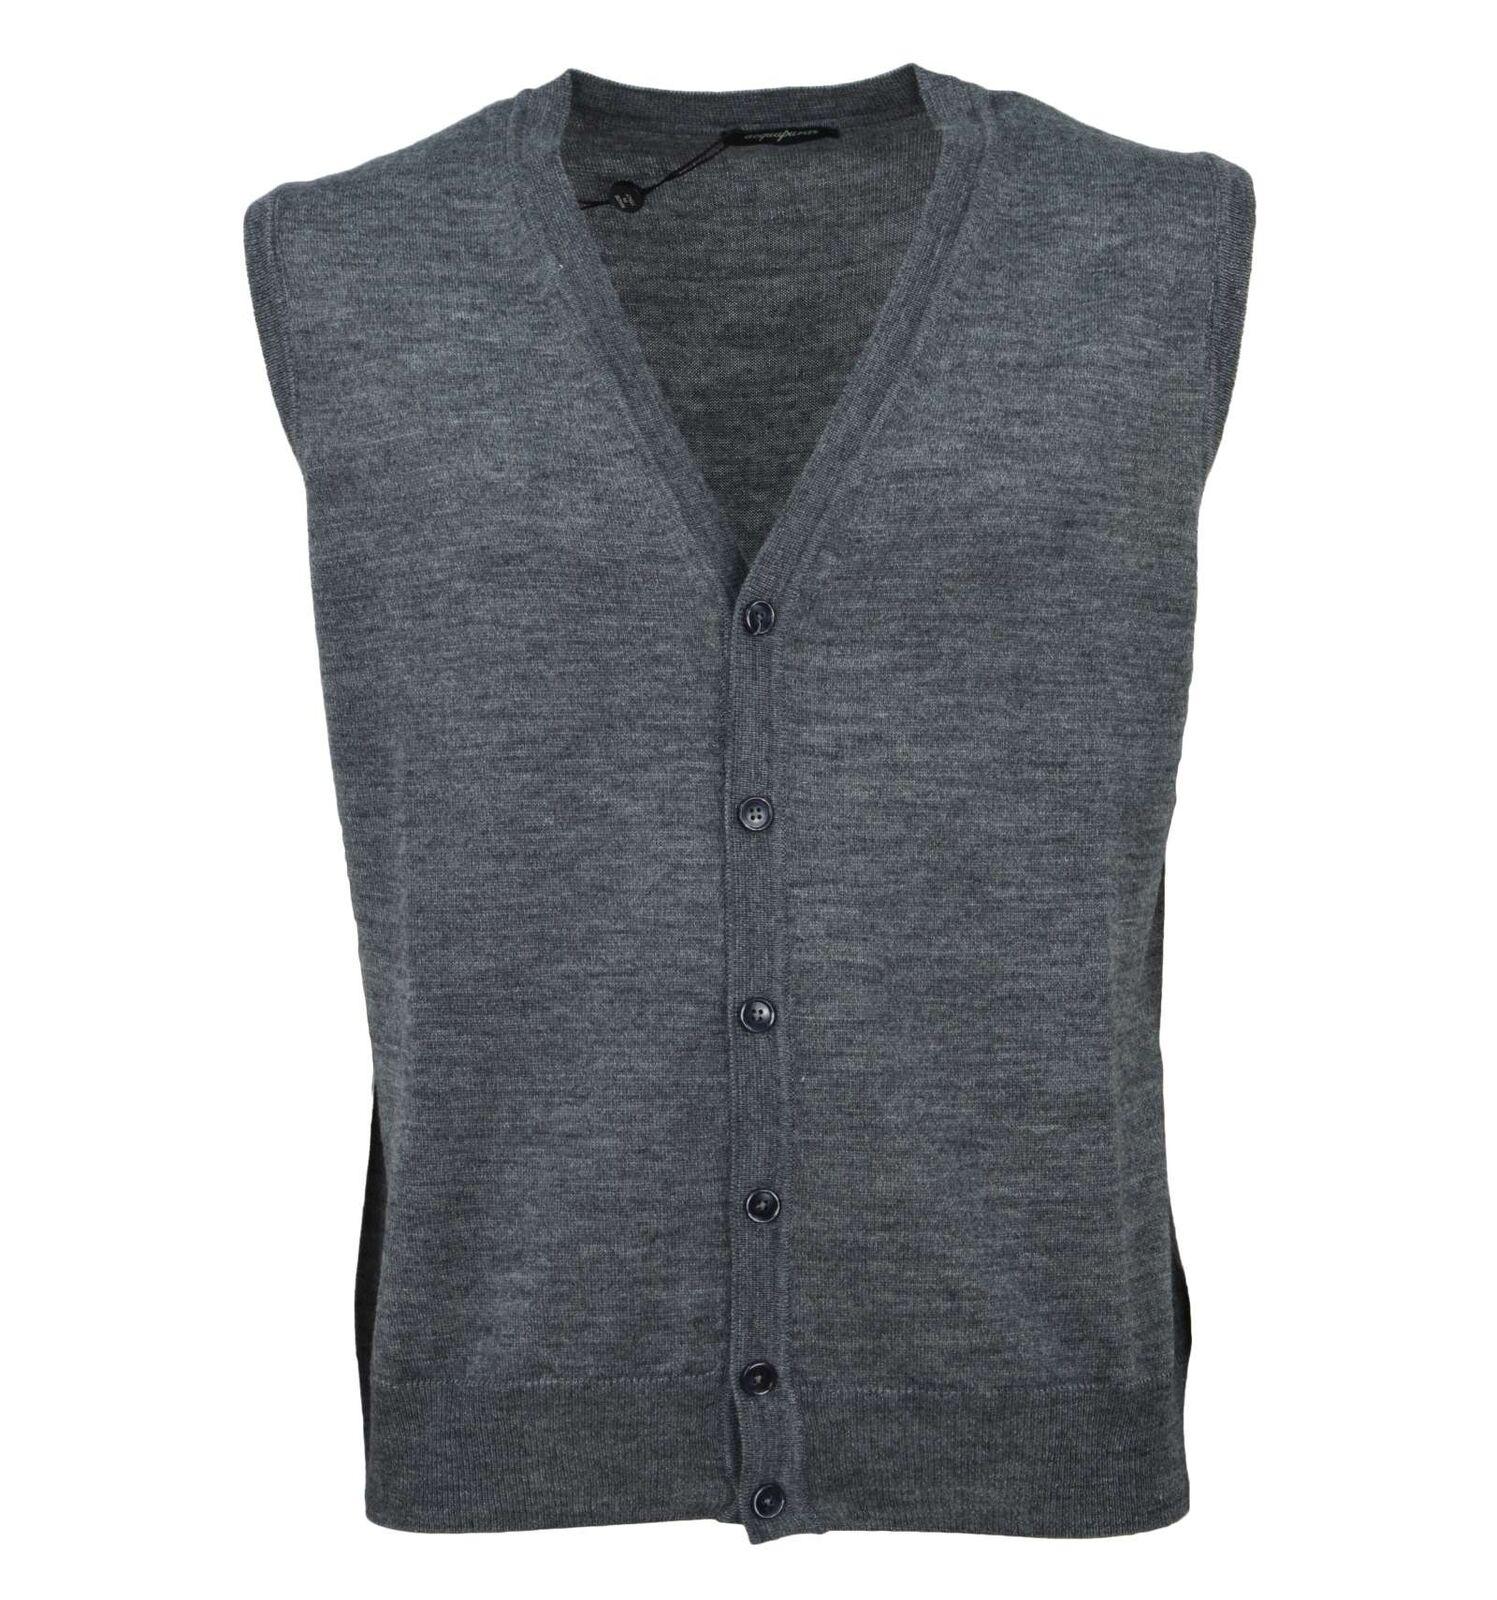 ACQUAPURA uomo gilet cardigan misto lana lana lana merino grigio 41035 515 894dea